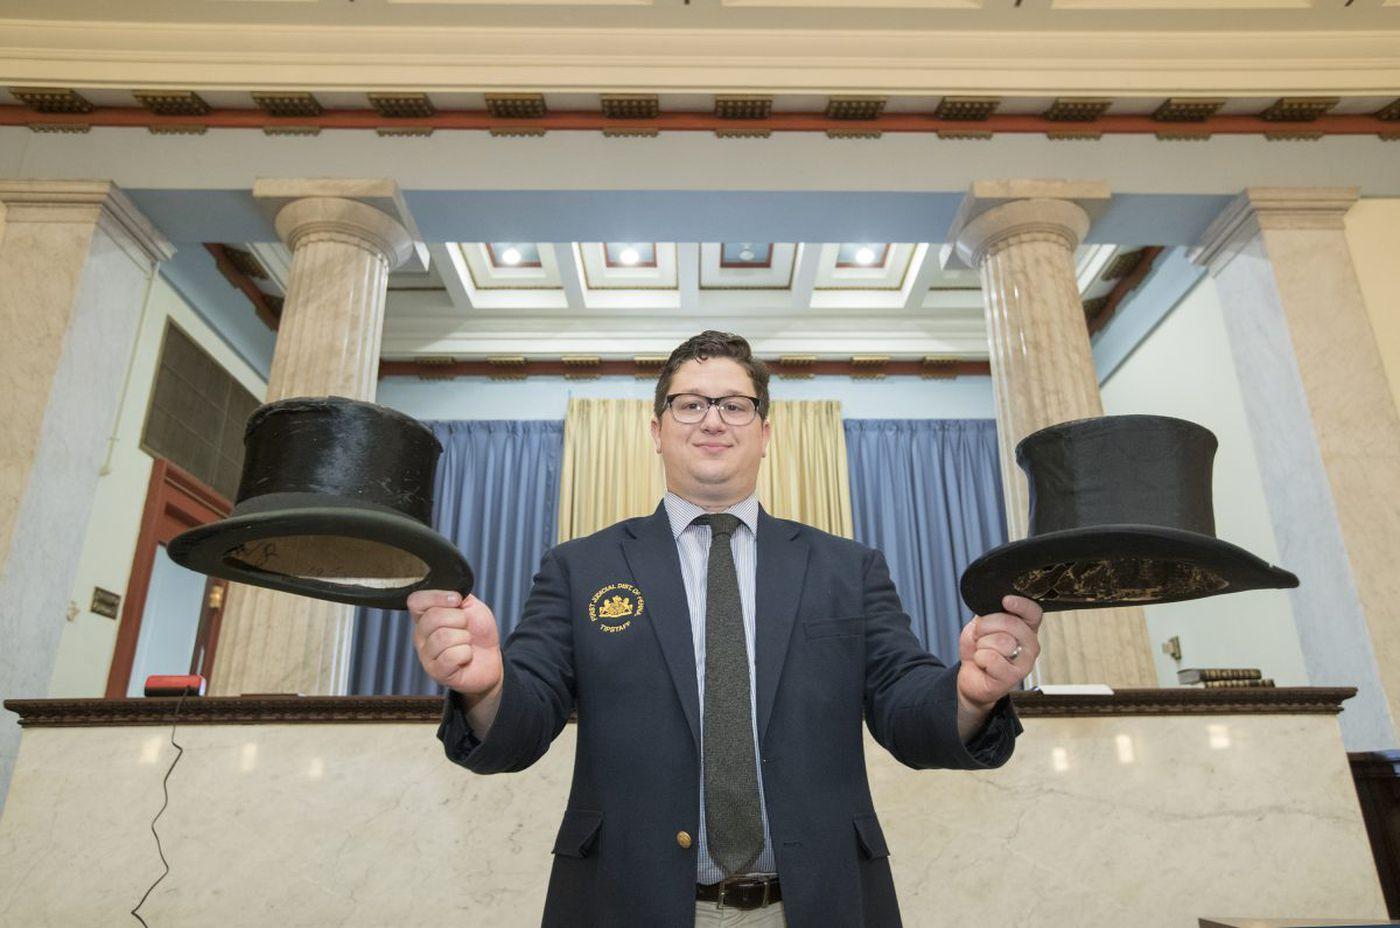 Judges will vote, via top hat, for interim DA